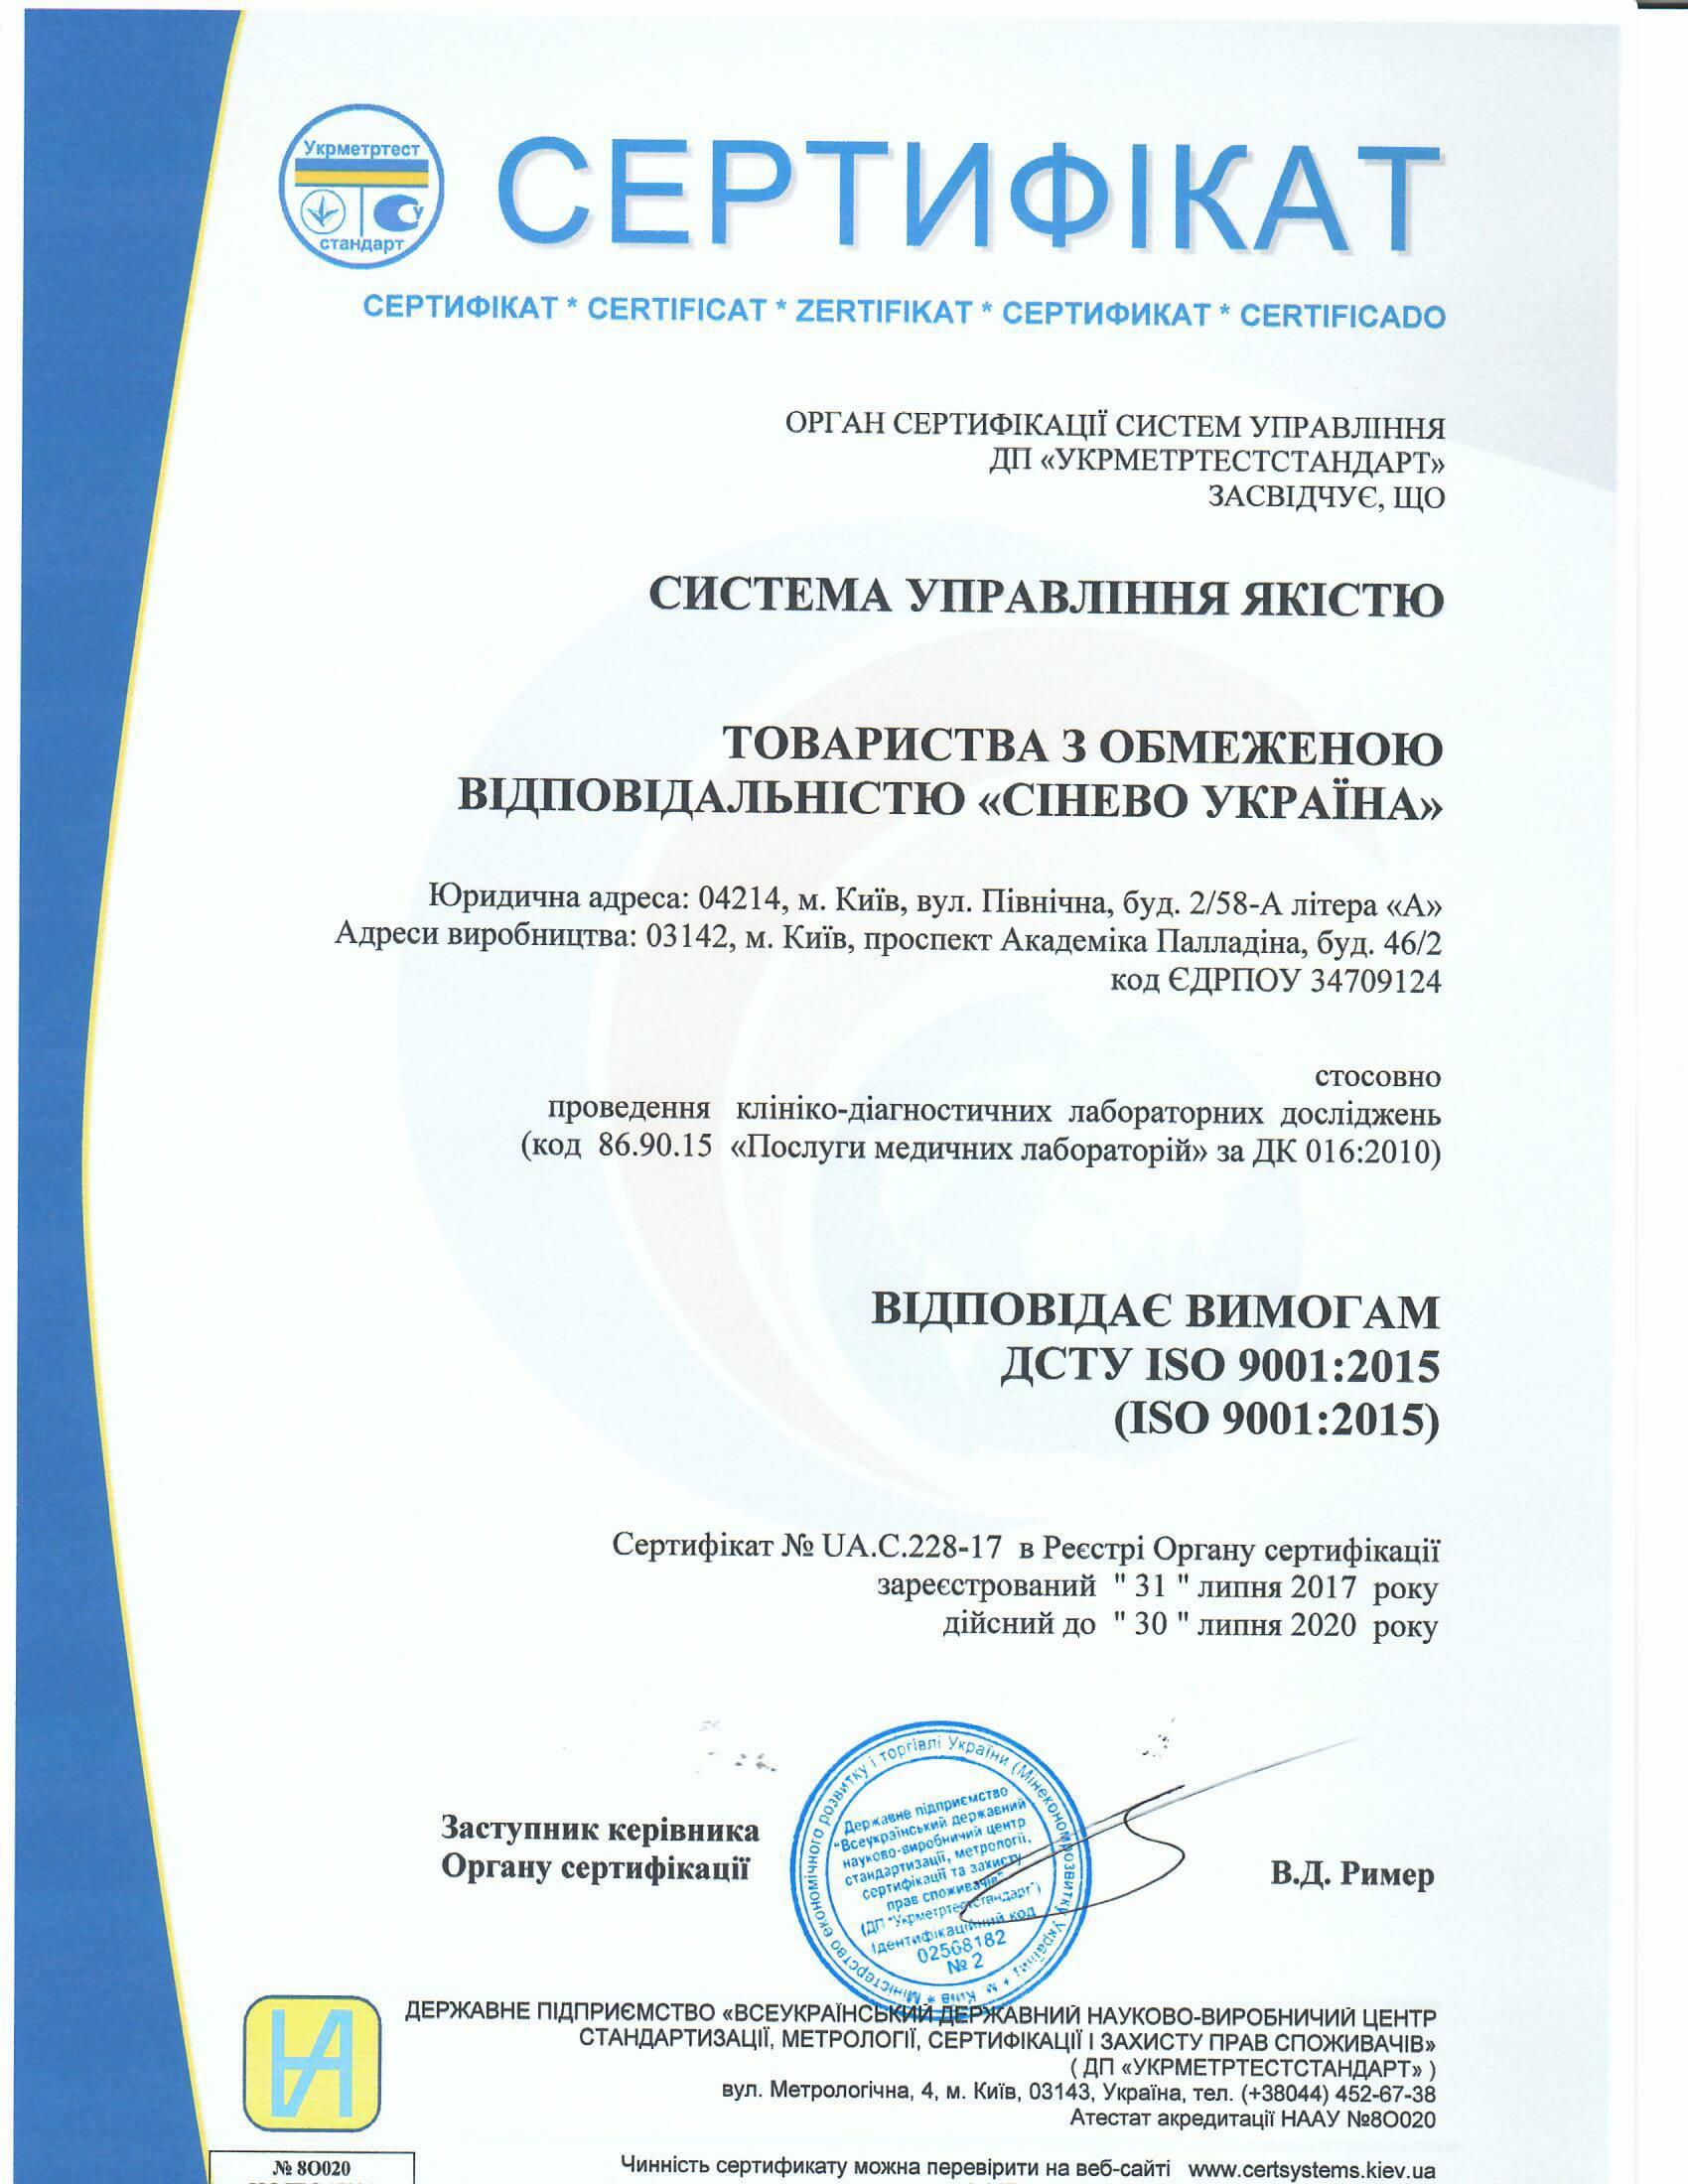 Де здати аналізи у місті Хмельницький — Здати аналізи в медичній  лабораторії «Сінево» a813eb752ba7b